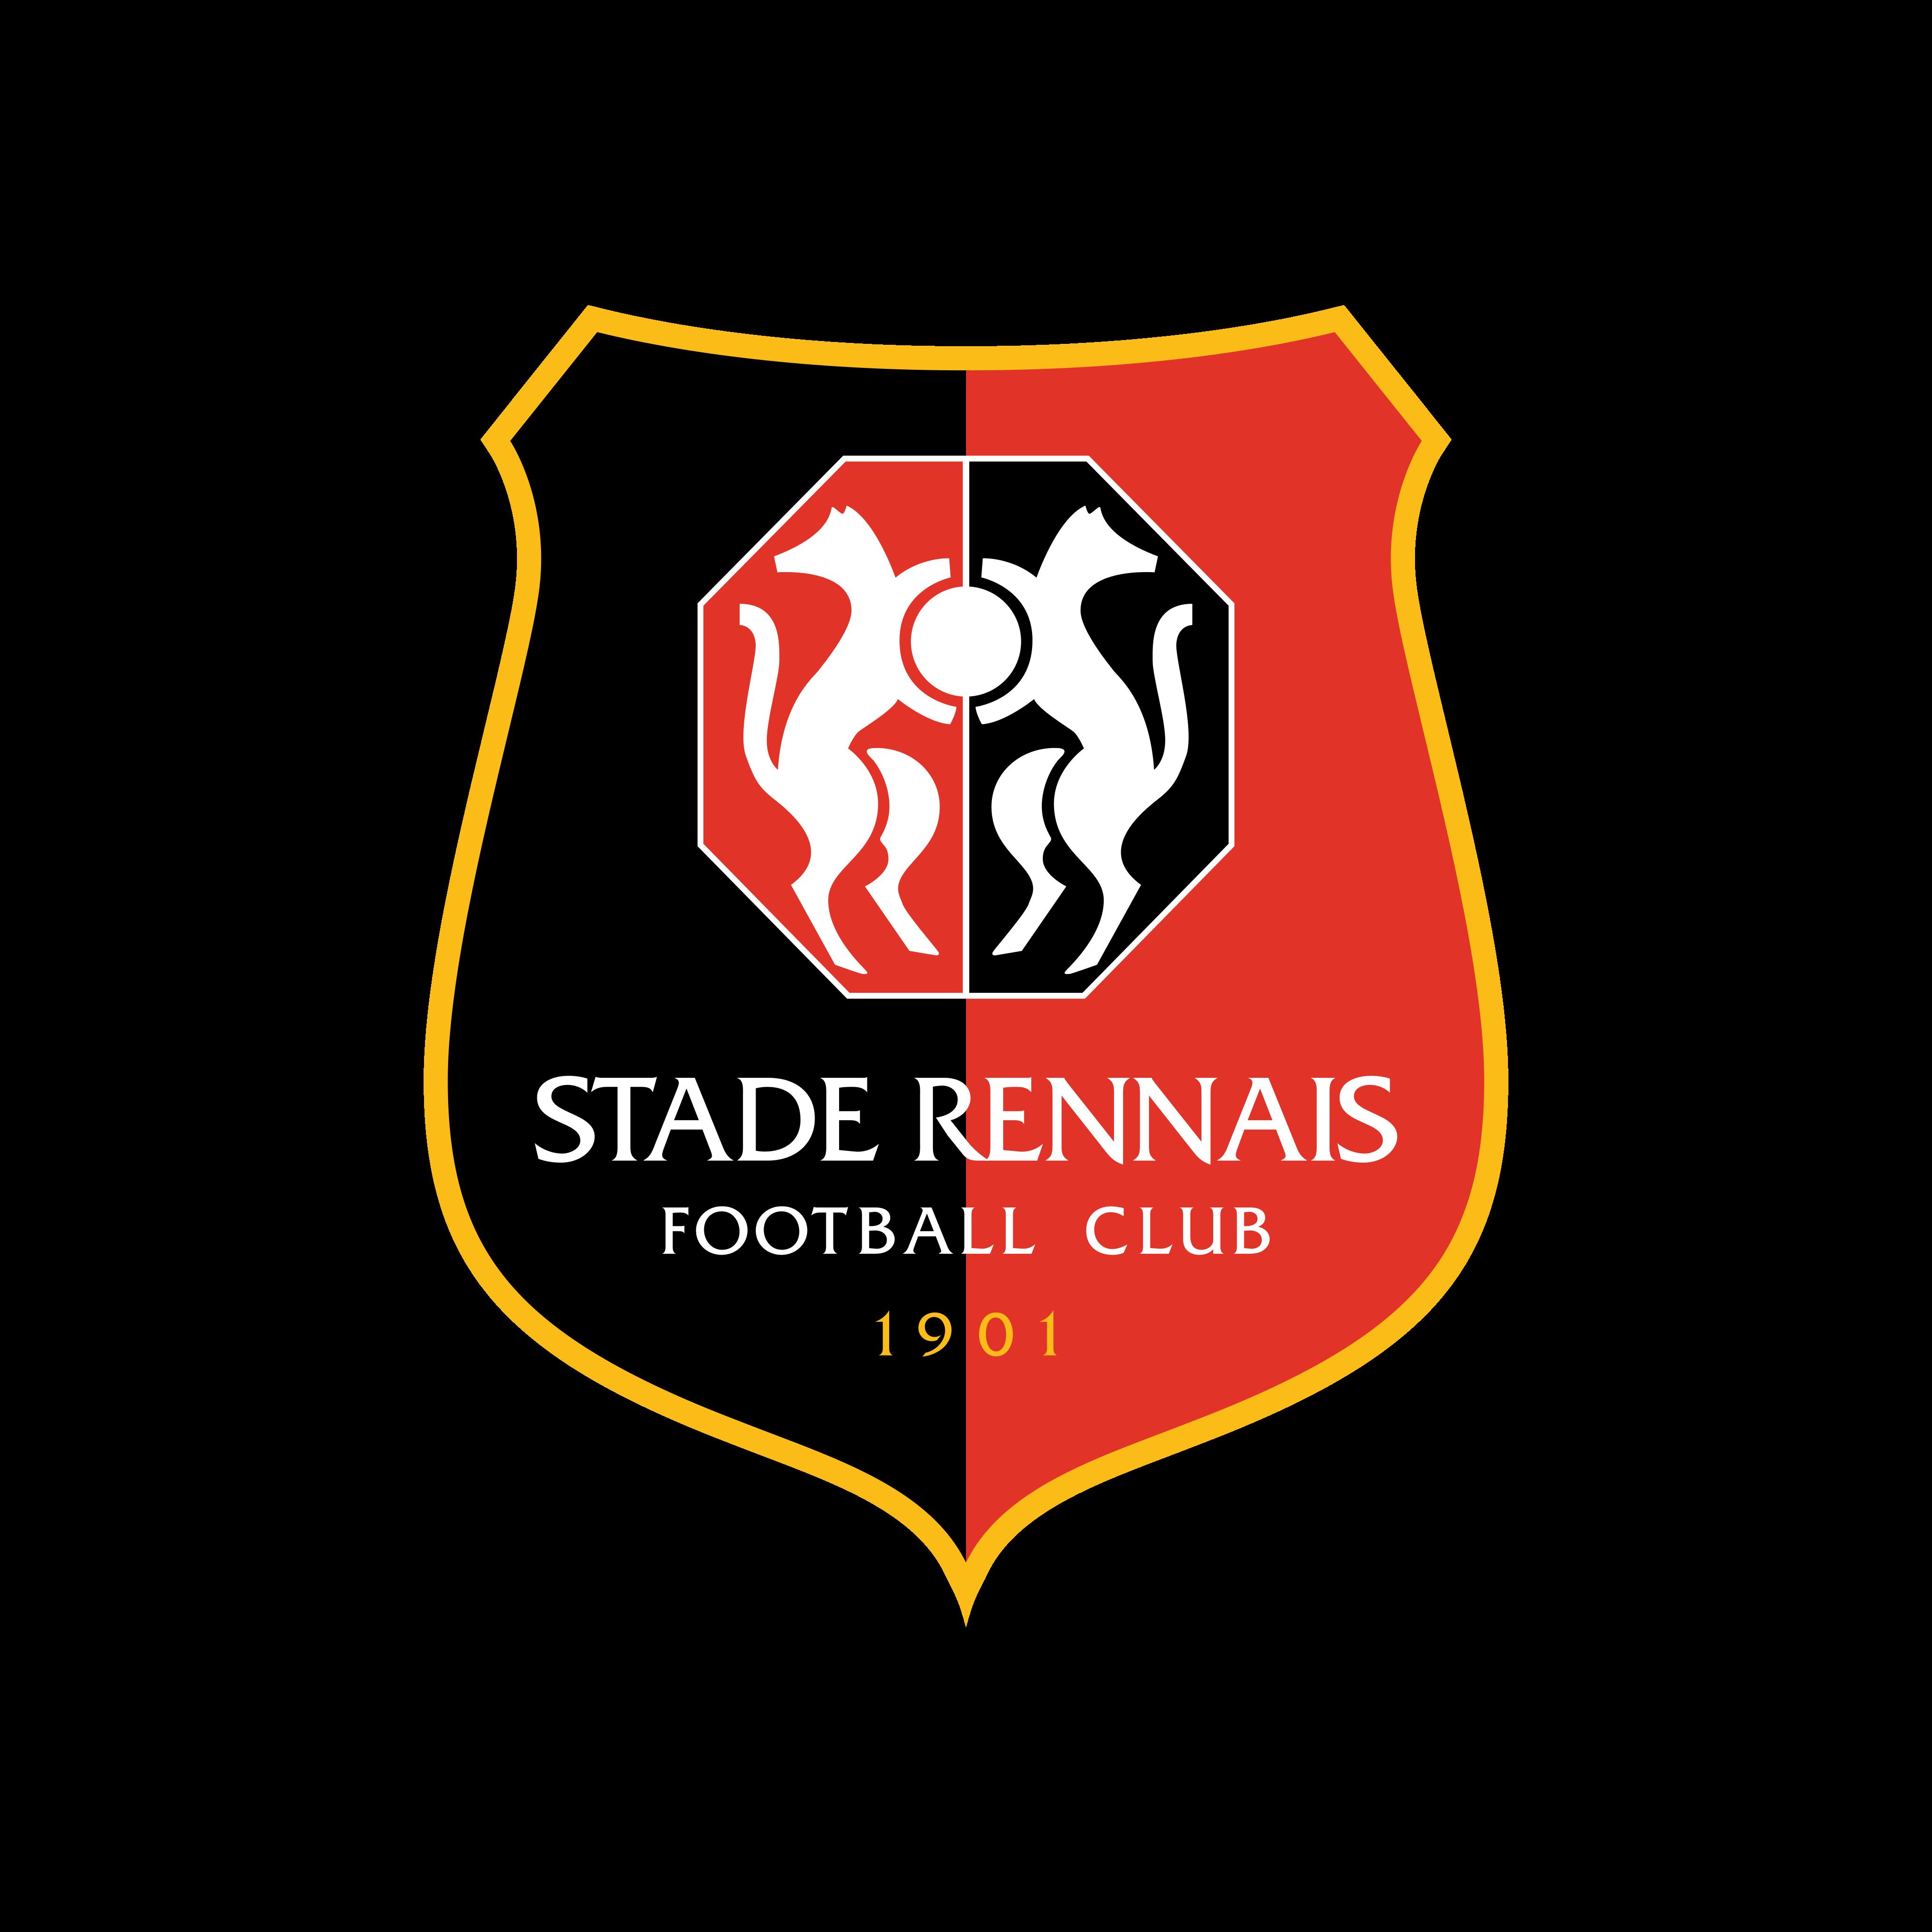 rennes fc logo 0 - Rennes FC Logo